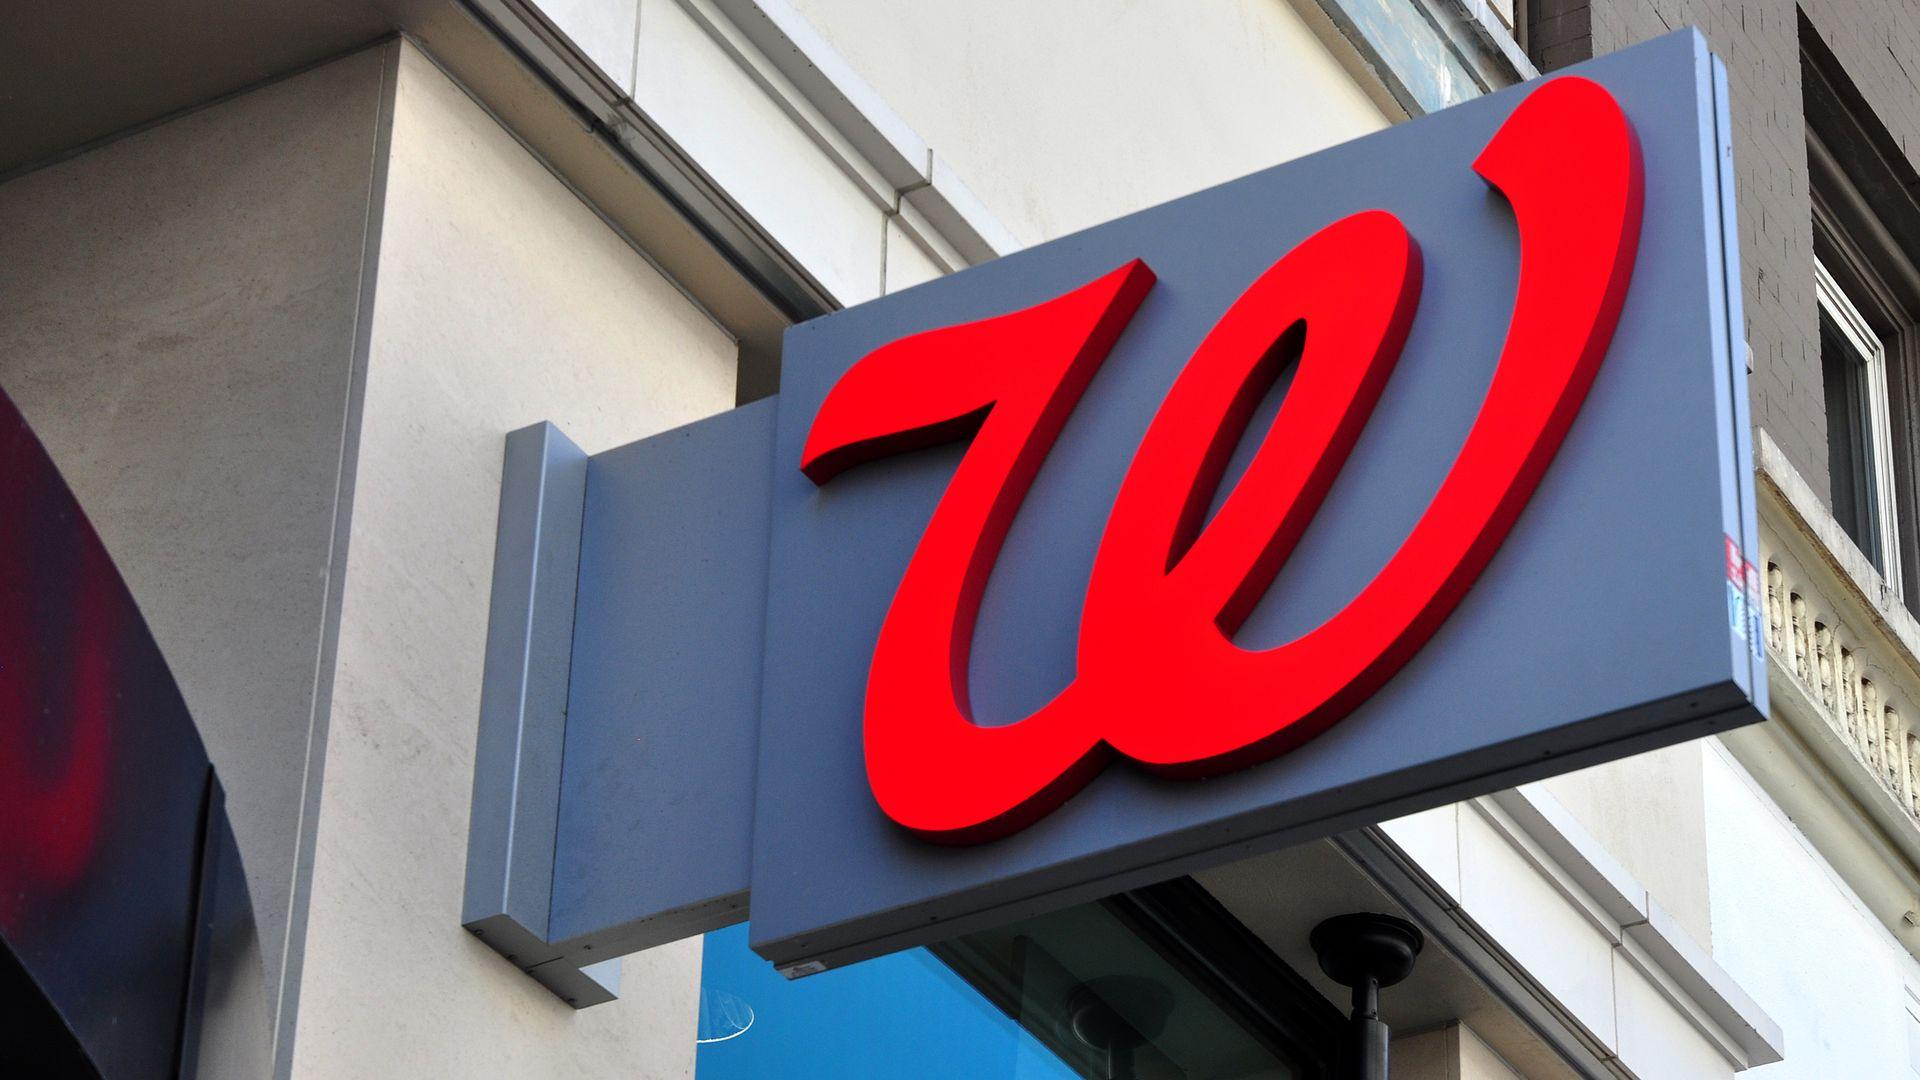 412754251d2 Walgreens settles profit shortfall case - Axios